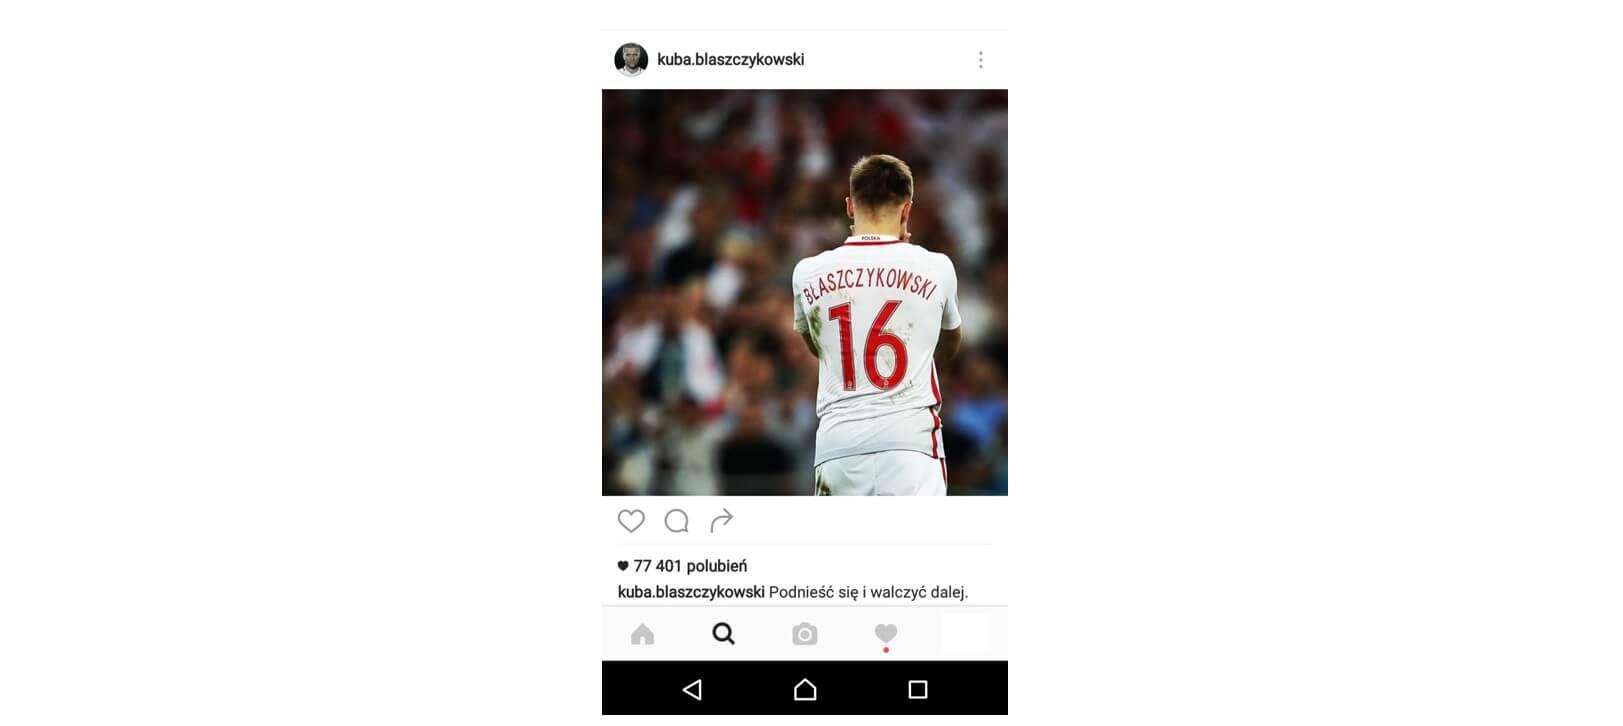 Najpopularniejszy wpis na Instagramie Kuba Blaszczykowski_najwieksze zaangazowanie